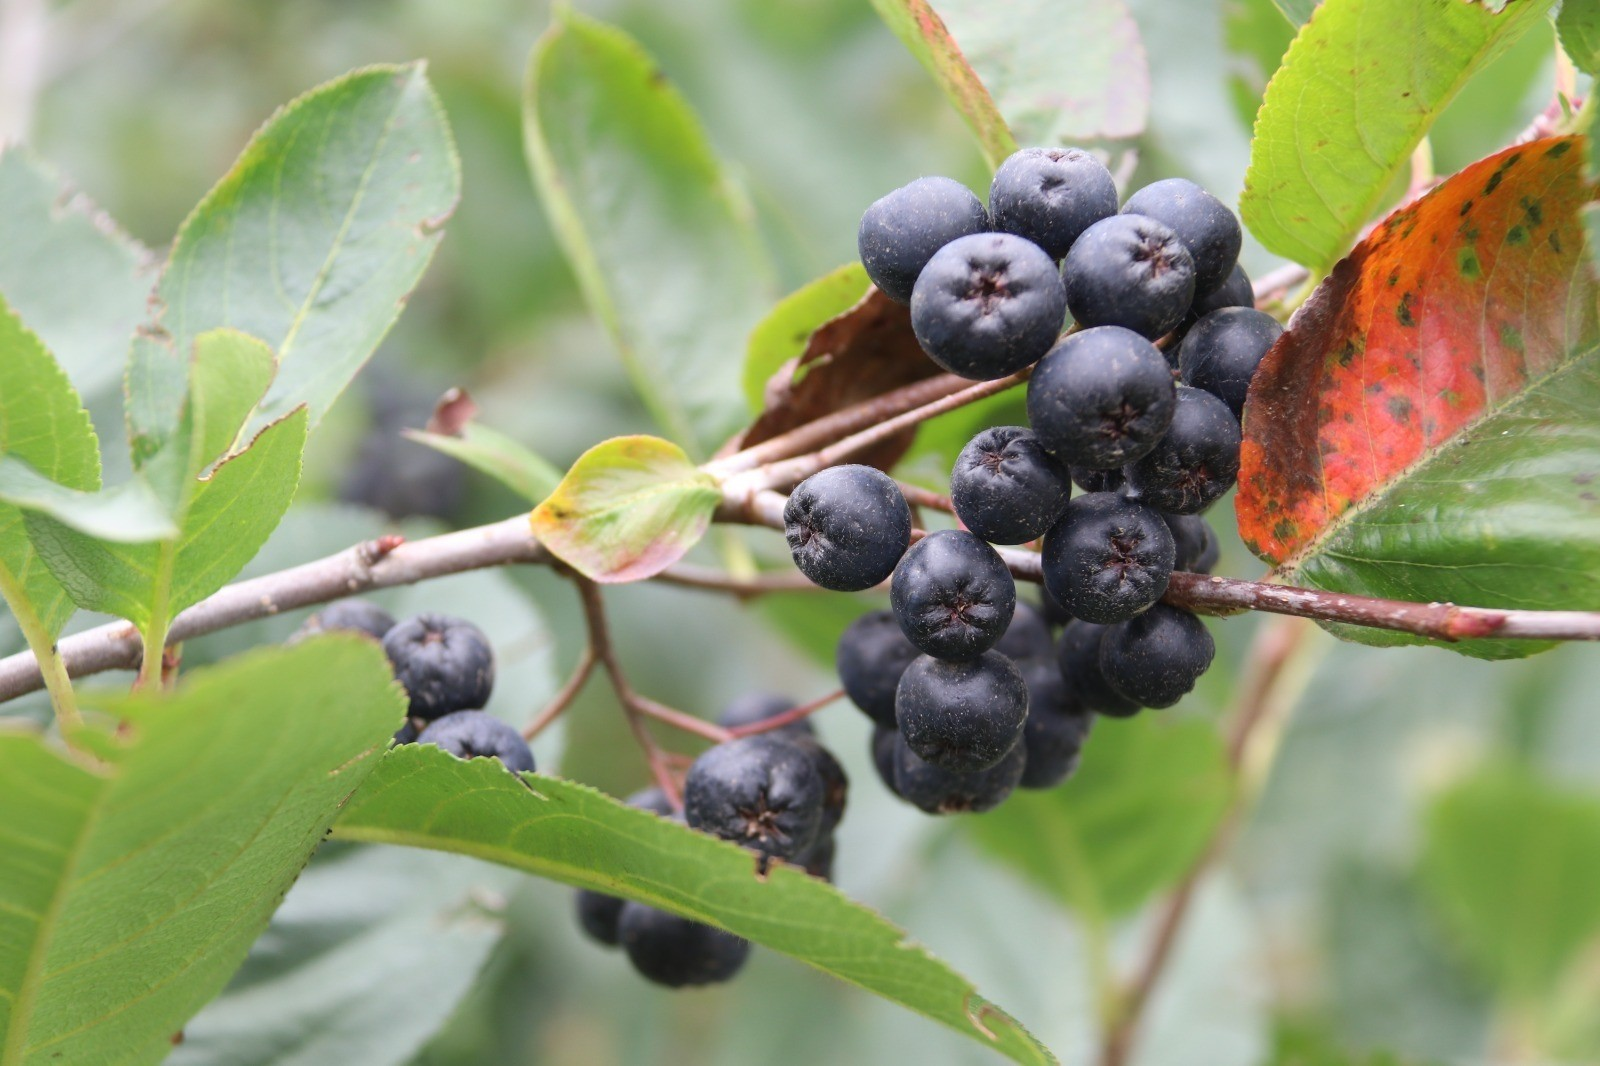 Trabzon'da süper meyve 'Aronya'nın hasadı başladı